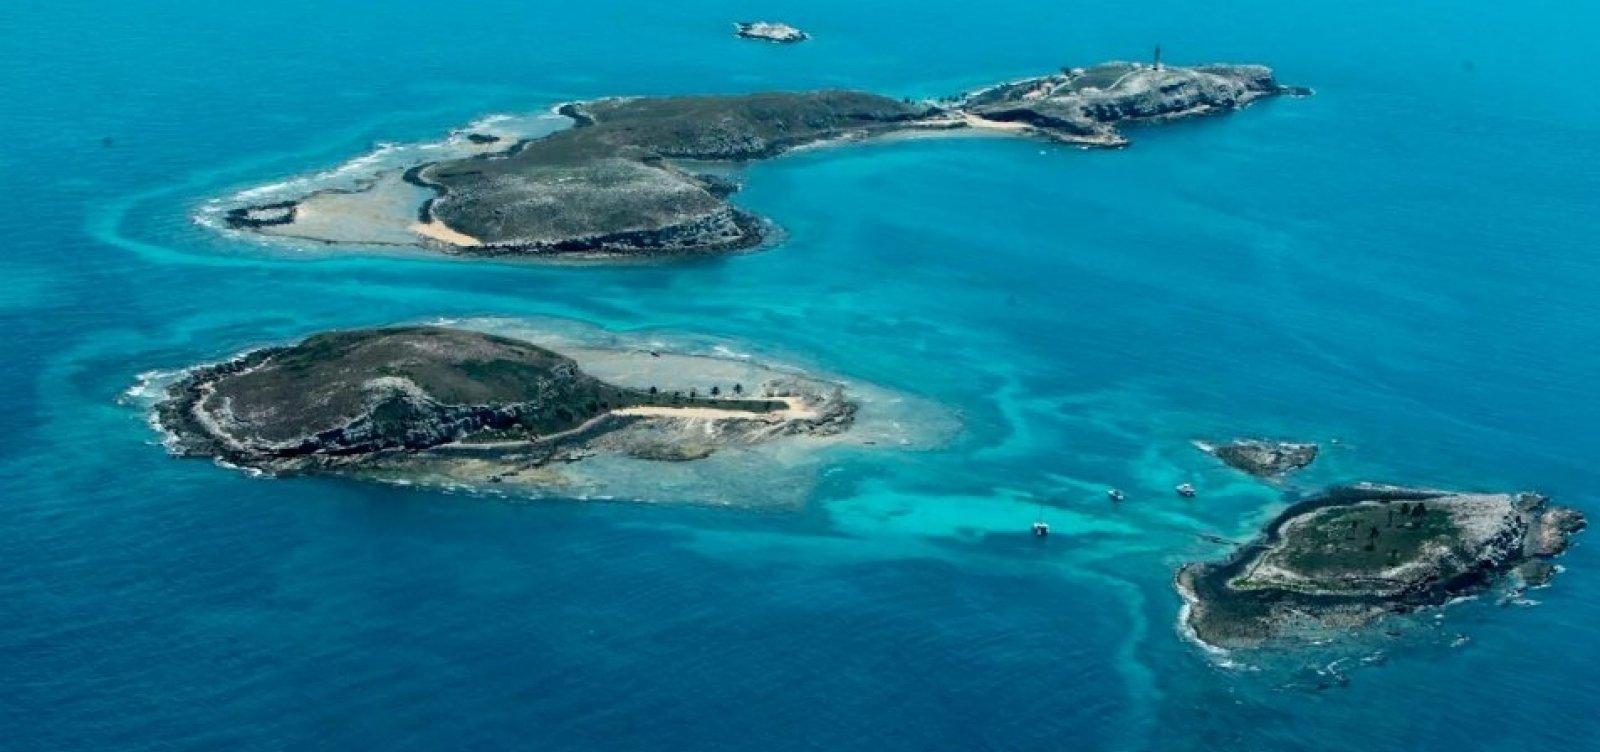 Com redução de manchas de óleo, Parque Nacional de Abrolhos é reaberto